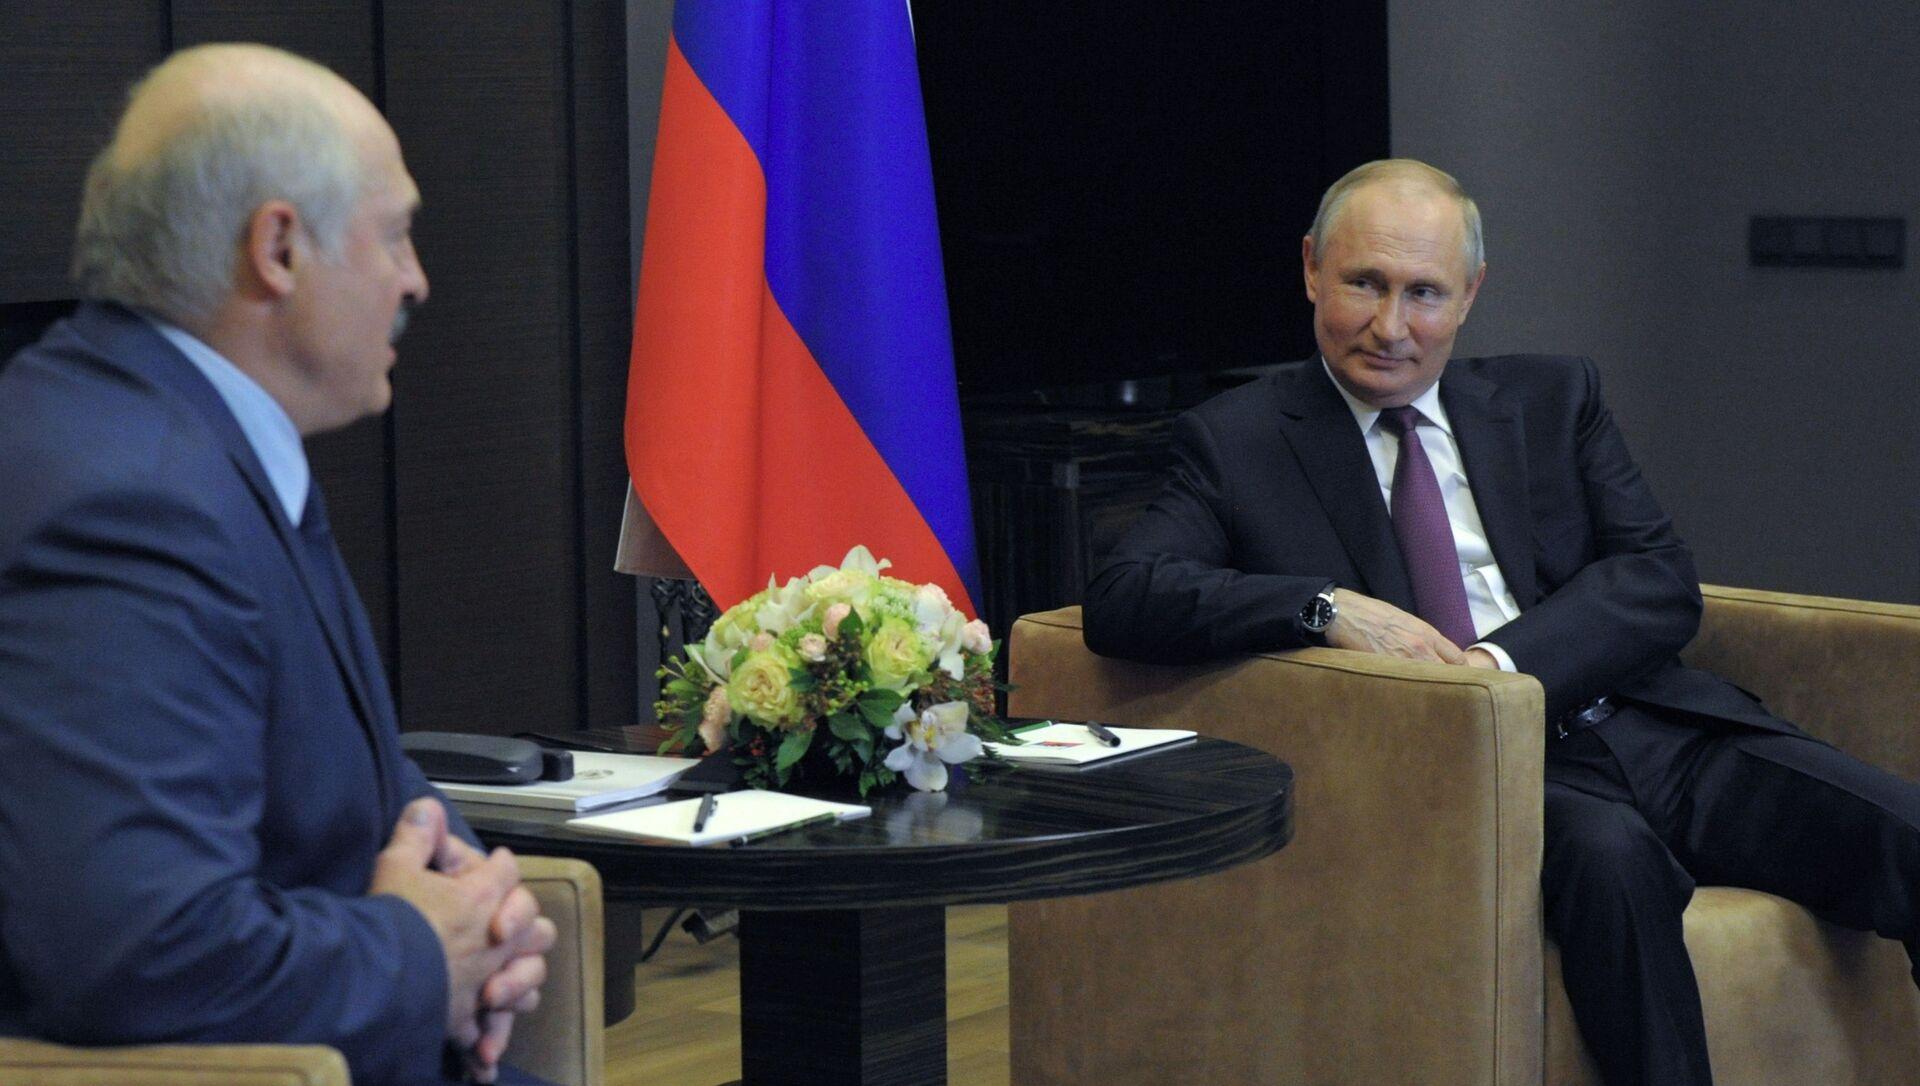 Spotkanie Putina z Łukaszenką w Soczi - Sputnik Polska, 1920, 29.05.2021